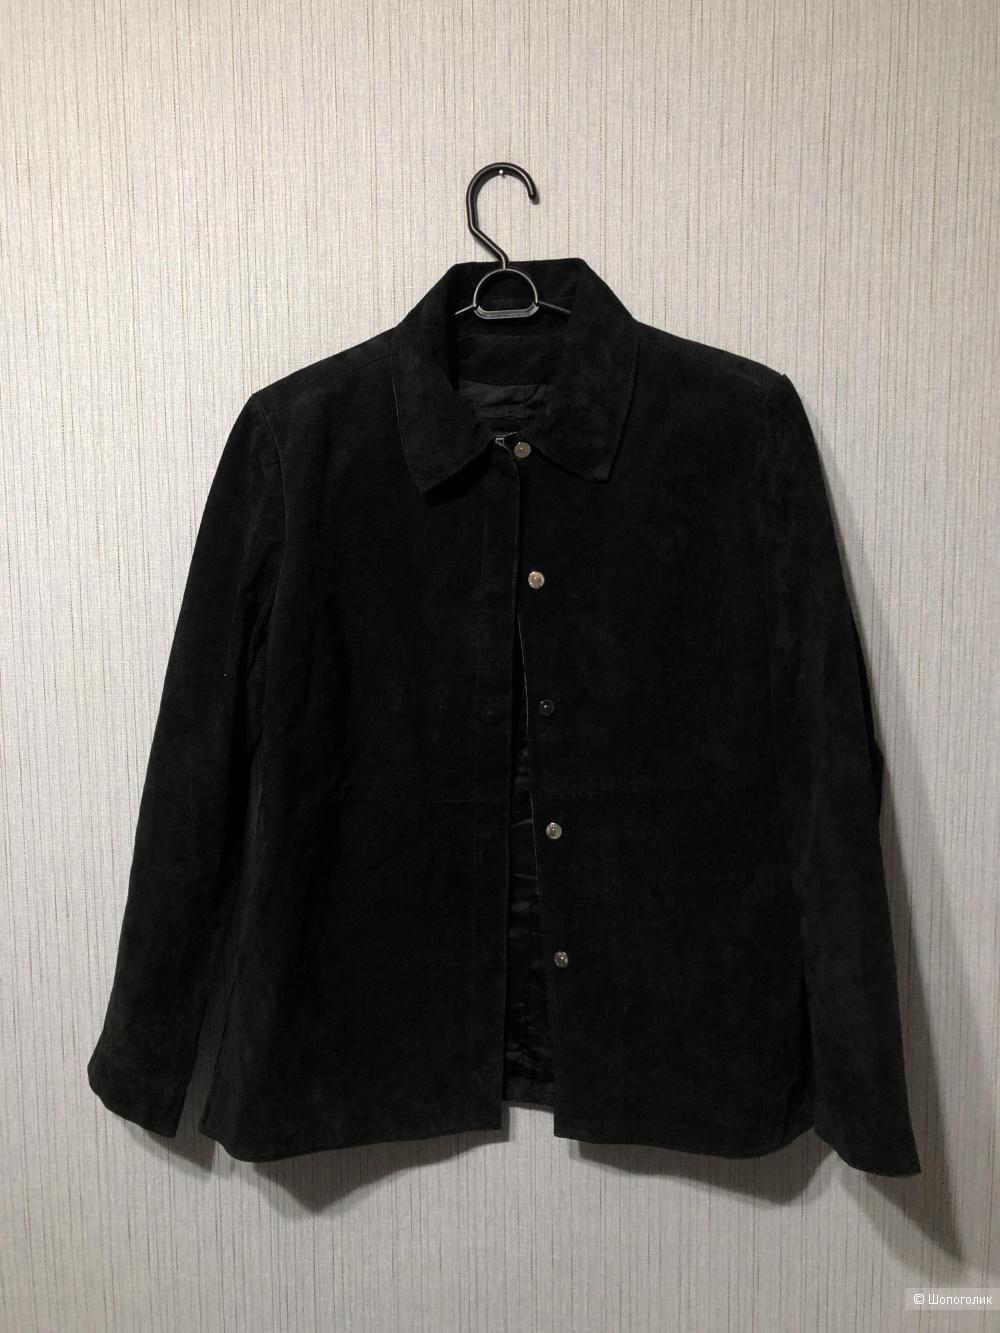 Куртка Elements by Vakko  размер s/m